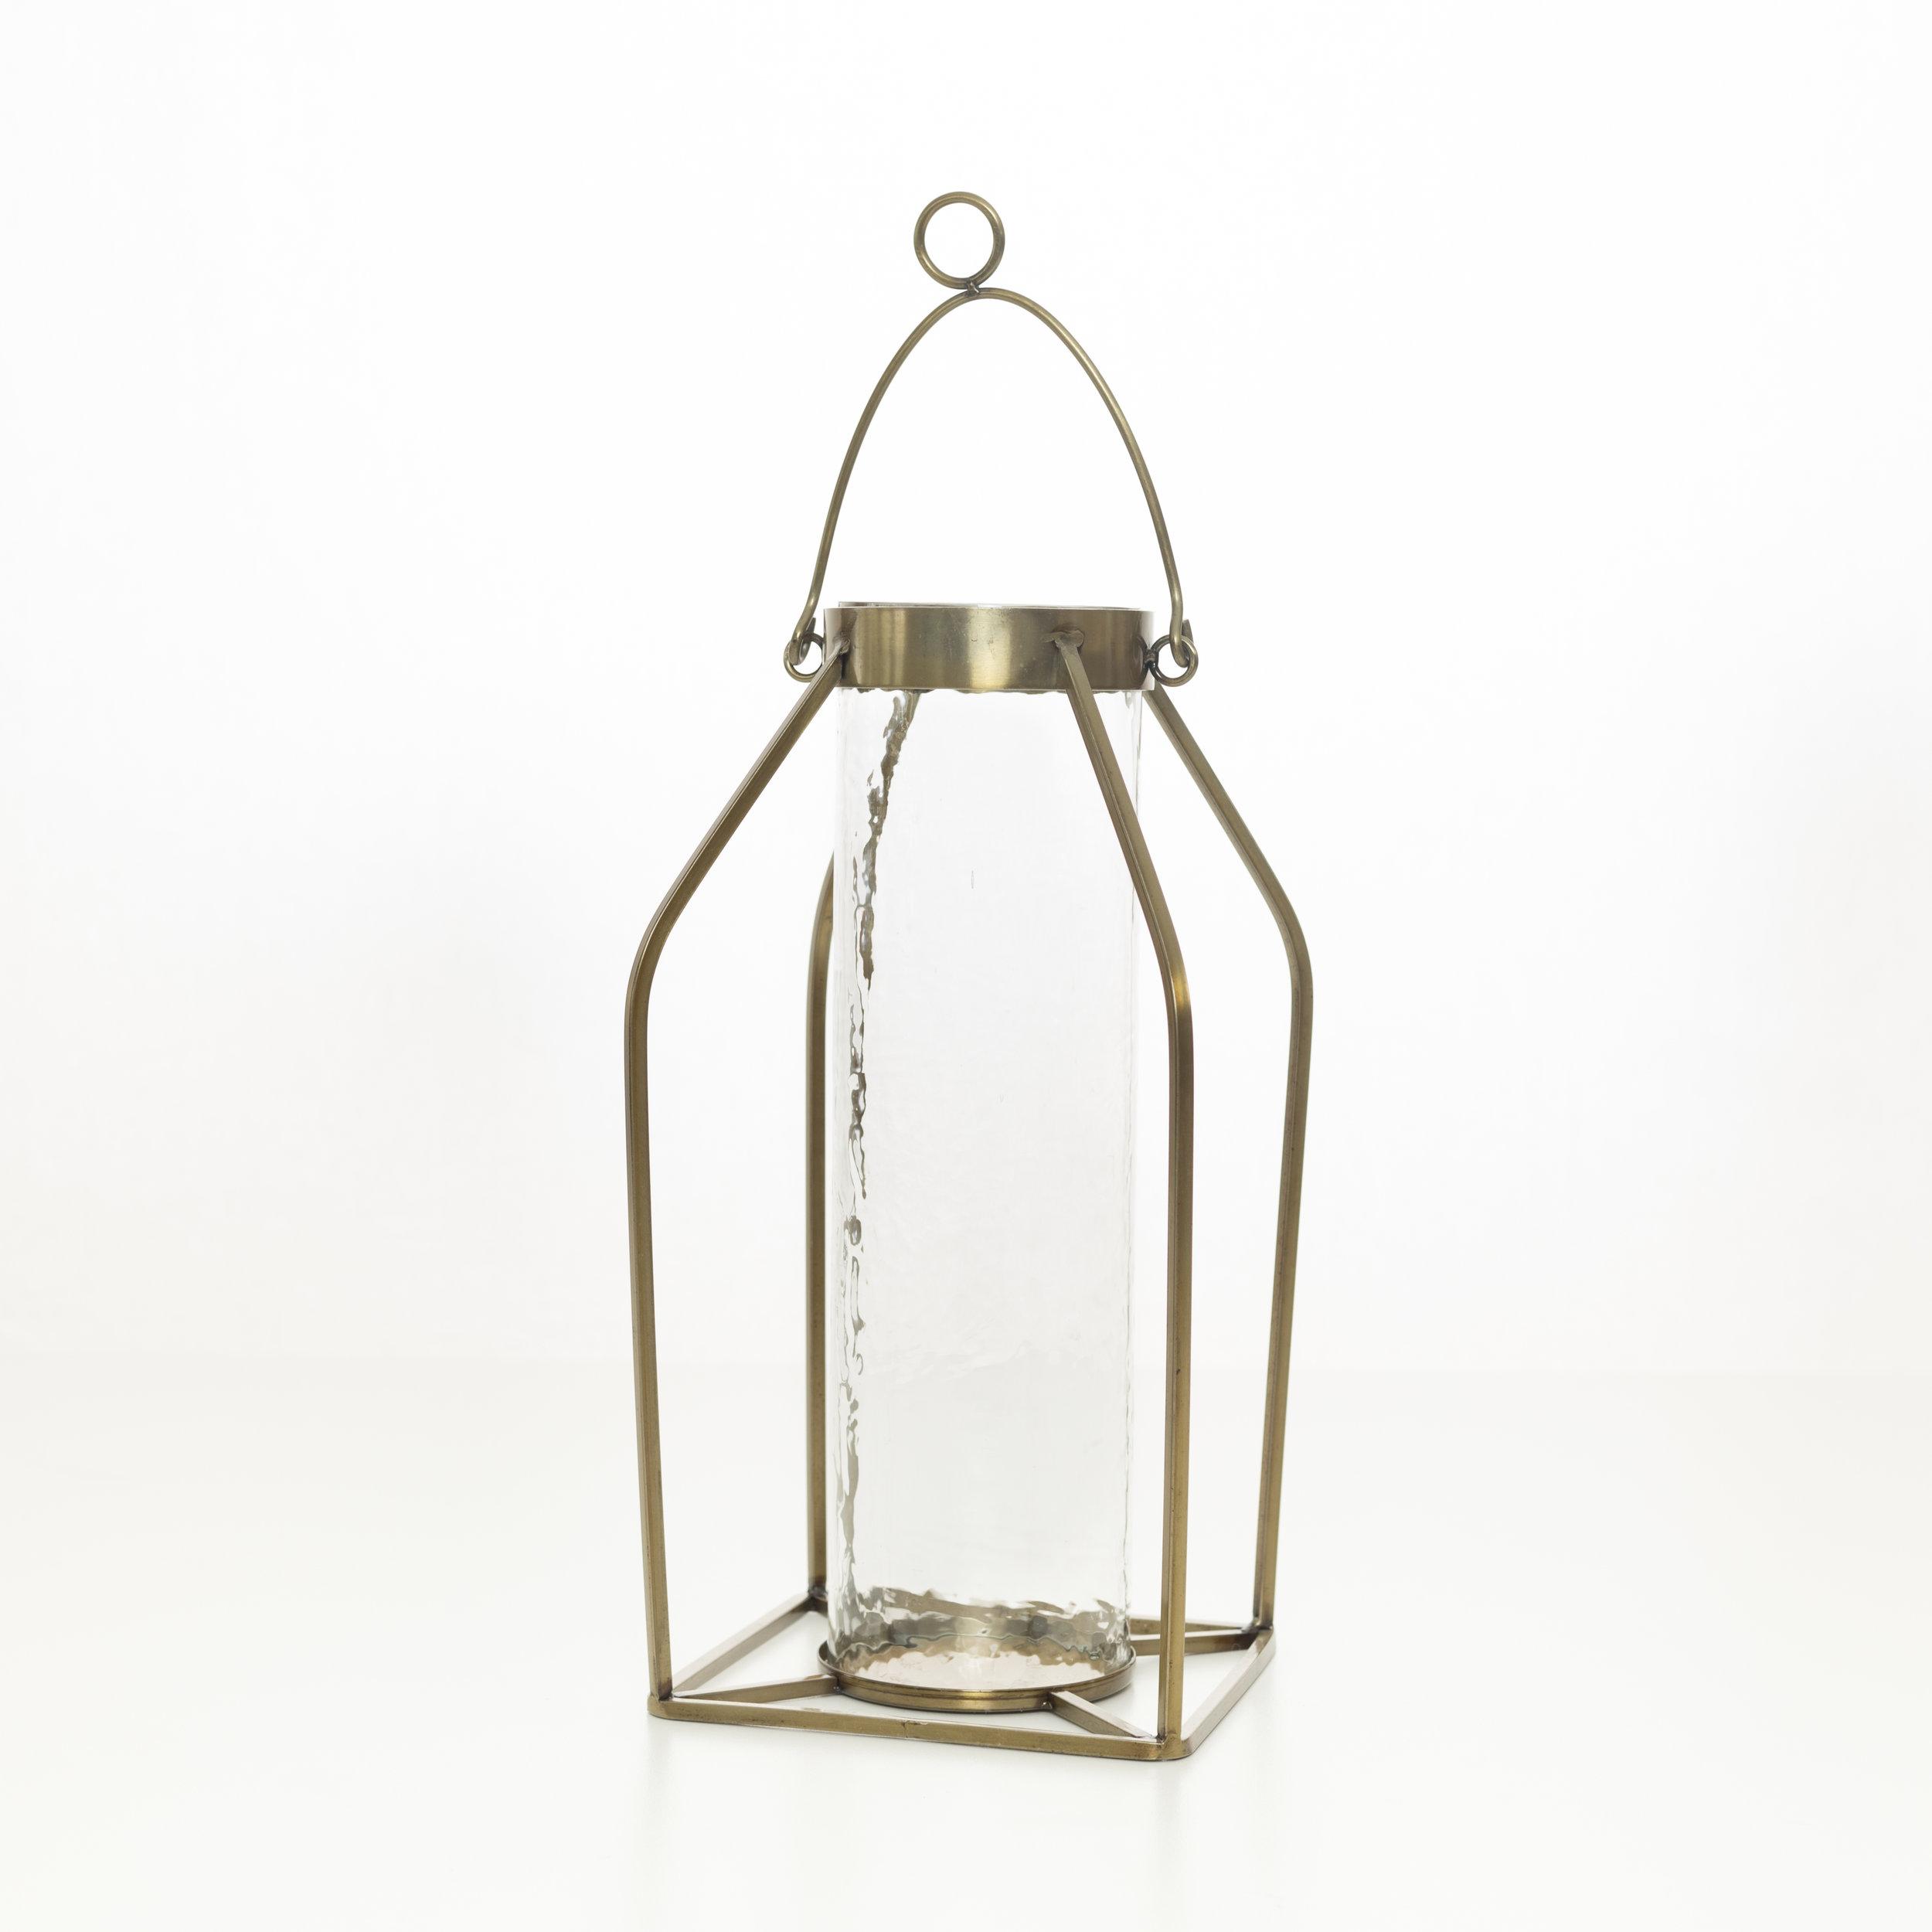 Brass lantern collection